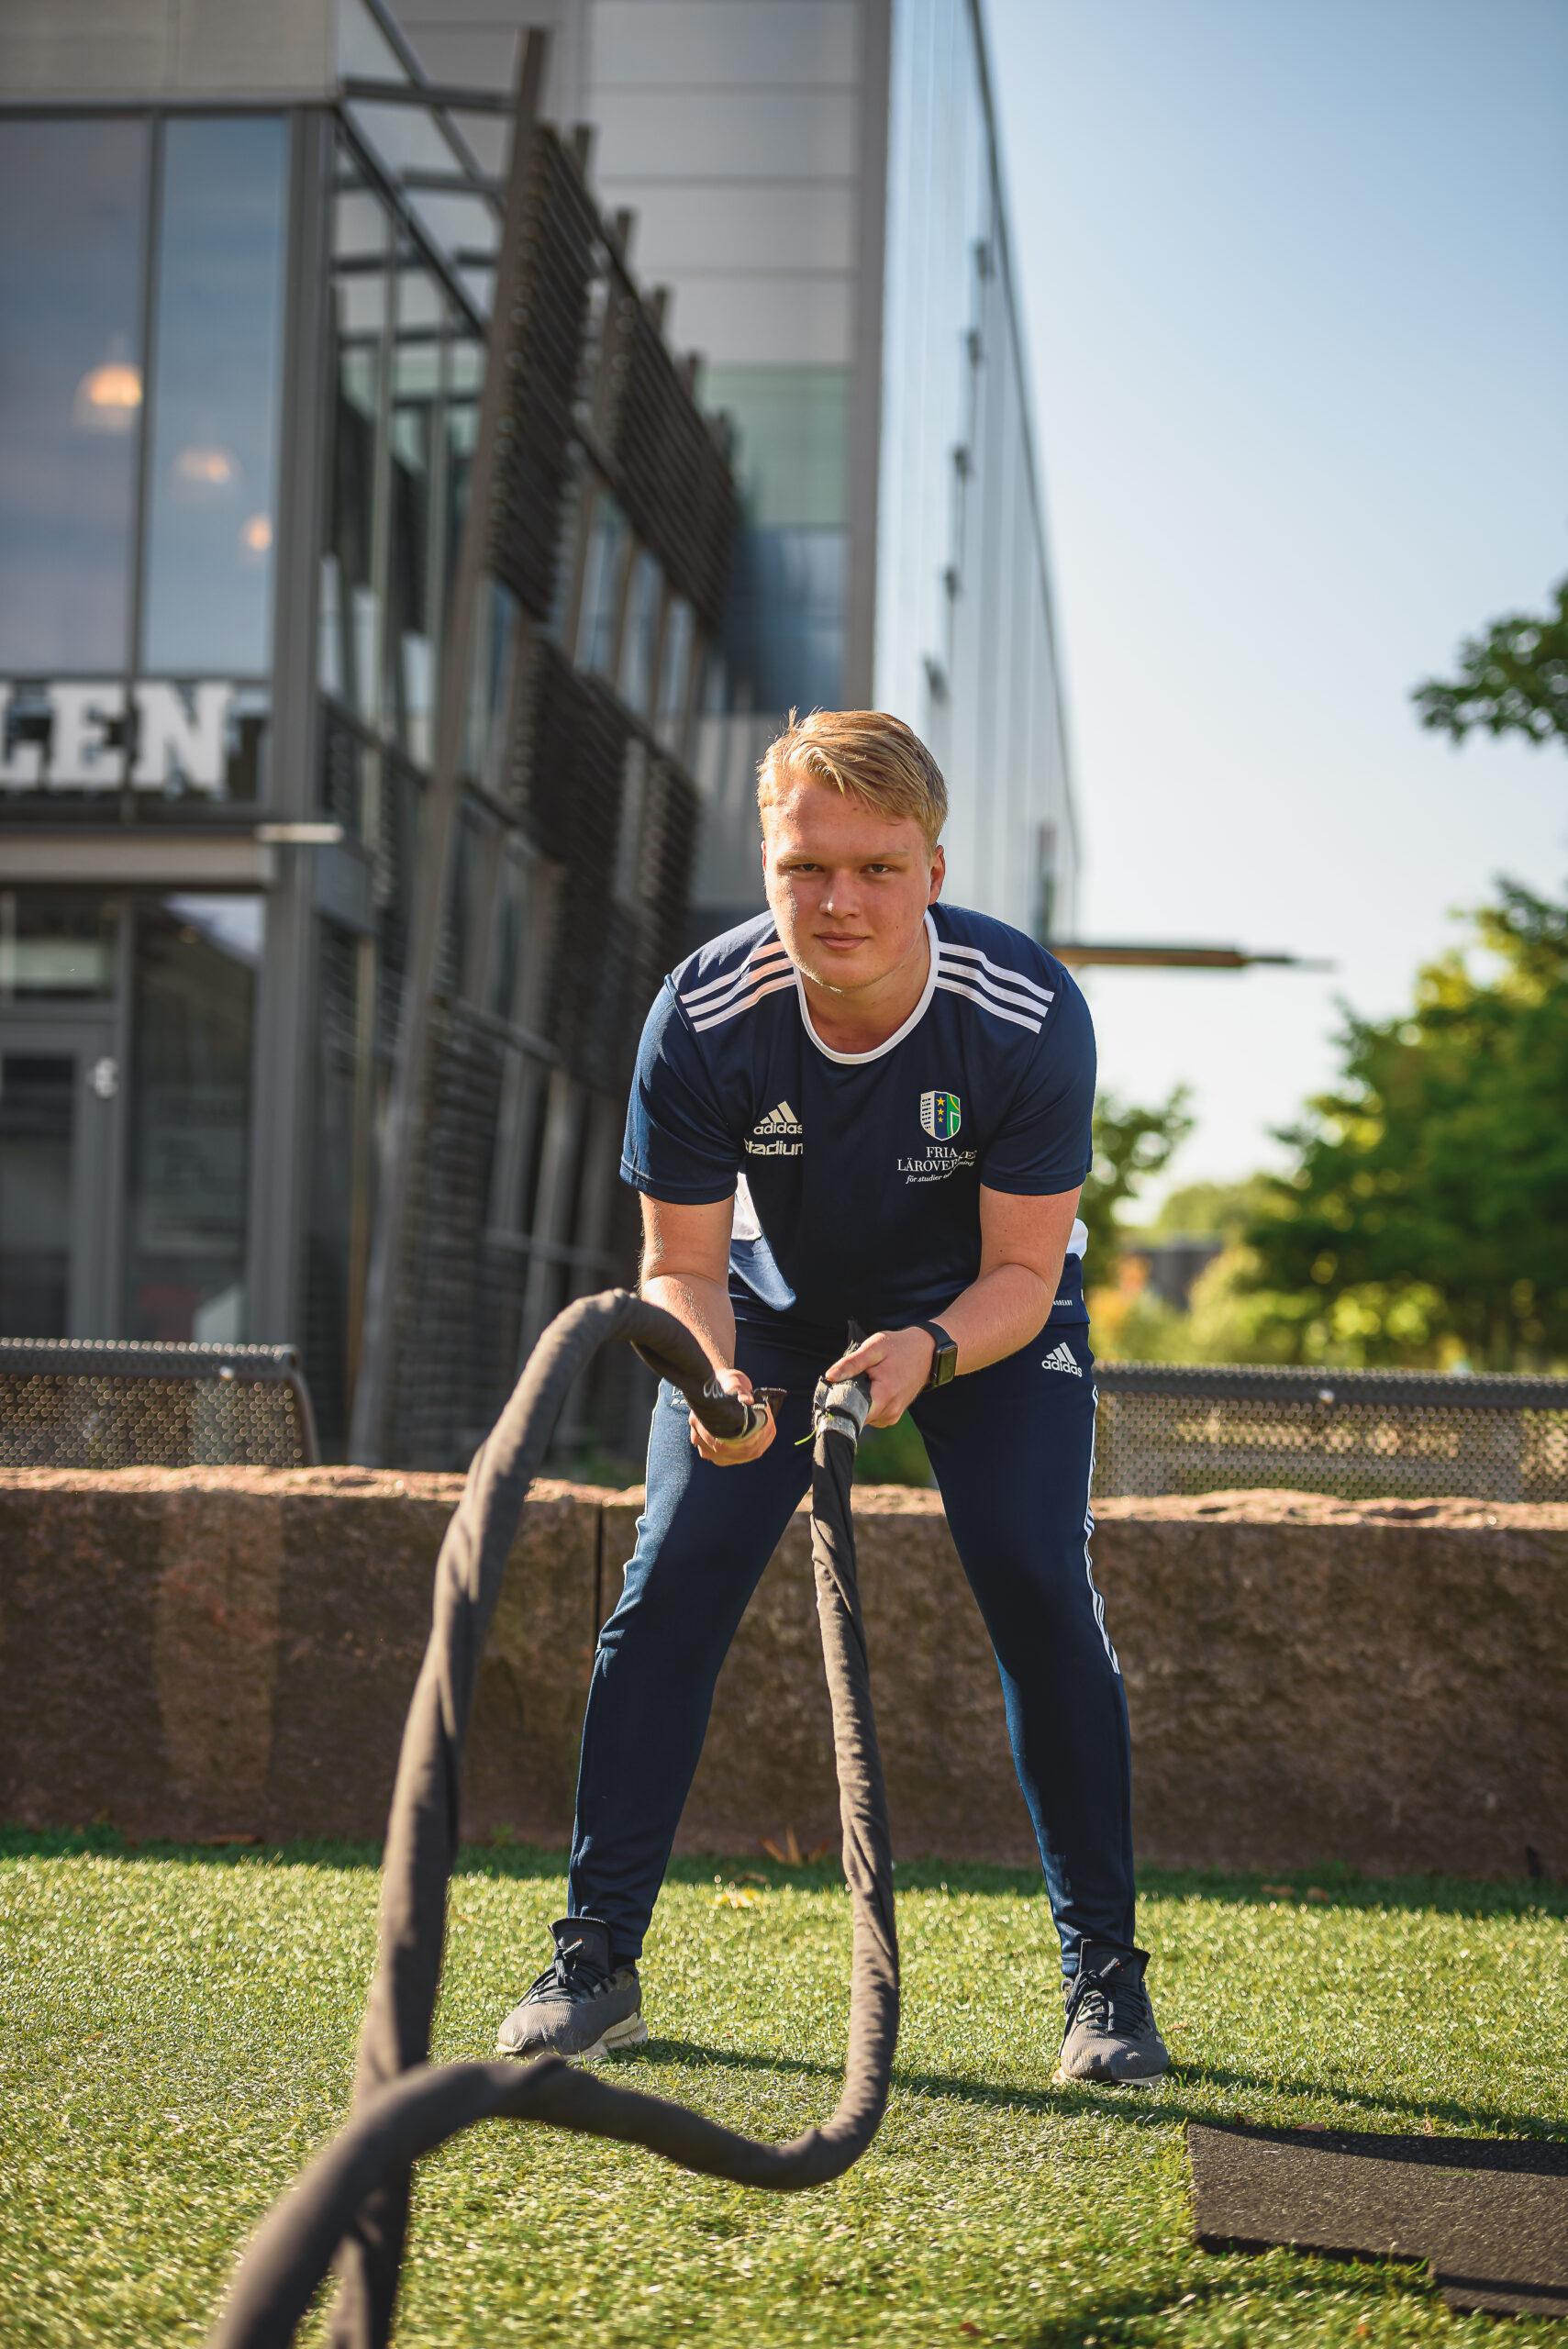 En elev tränar med träningsrep utomhus